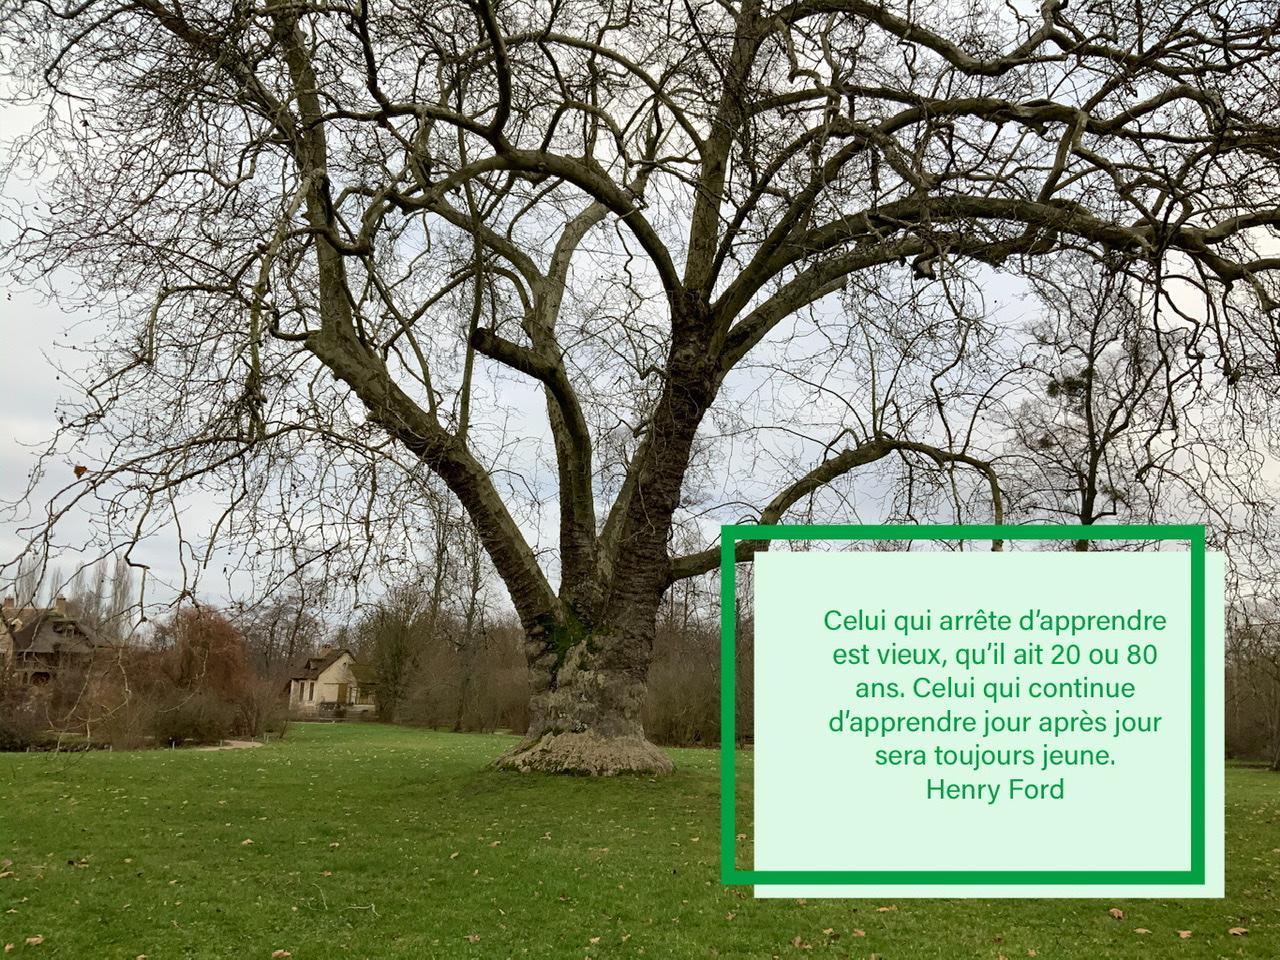 Un arbre centenaire avec une citation sur l'apprentissage